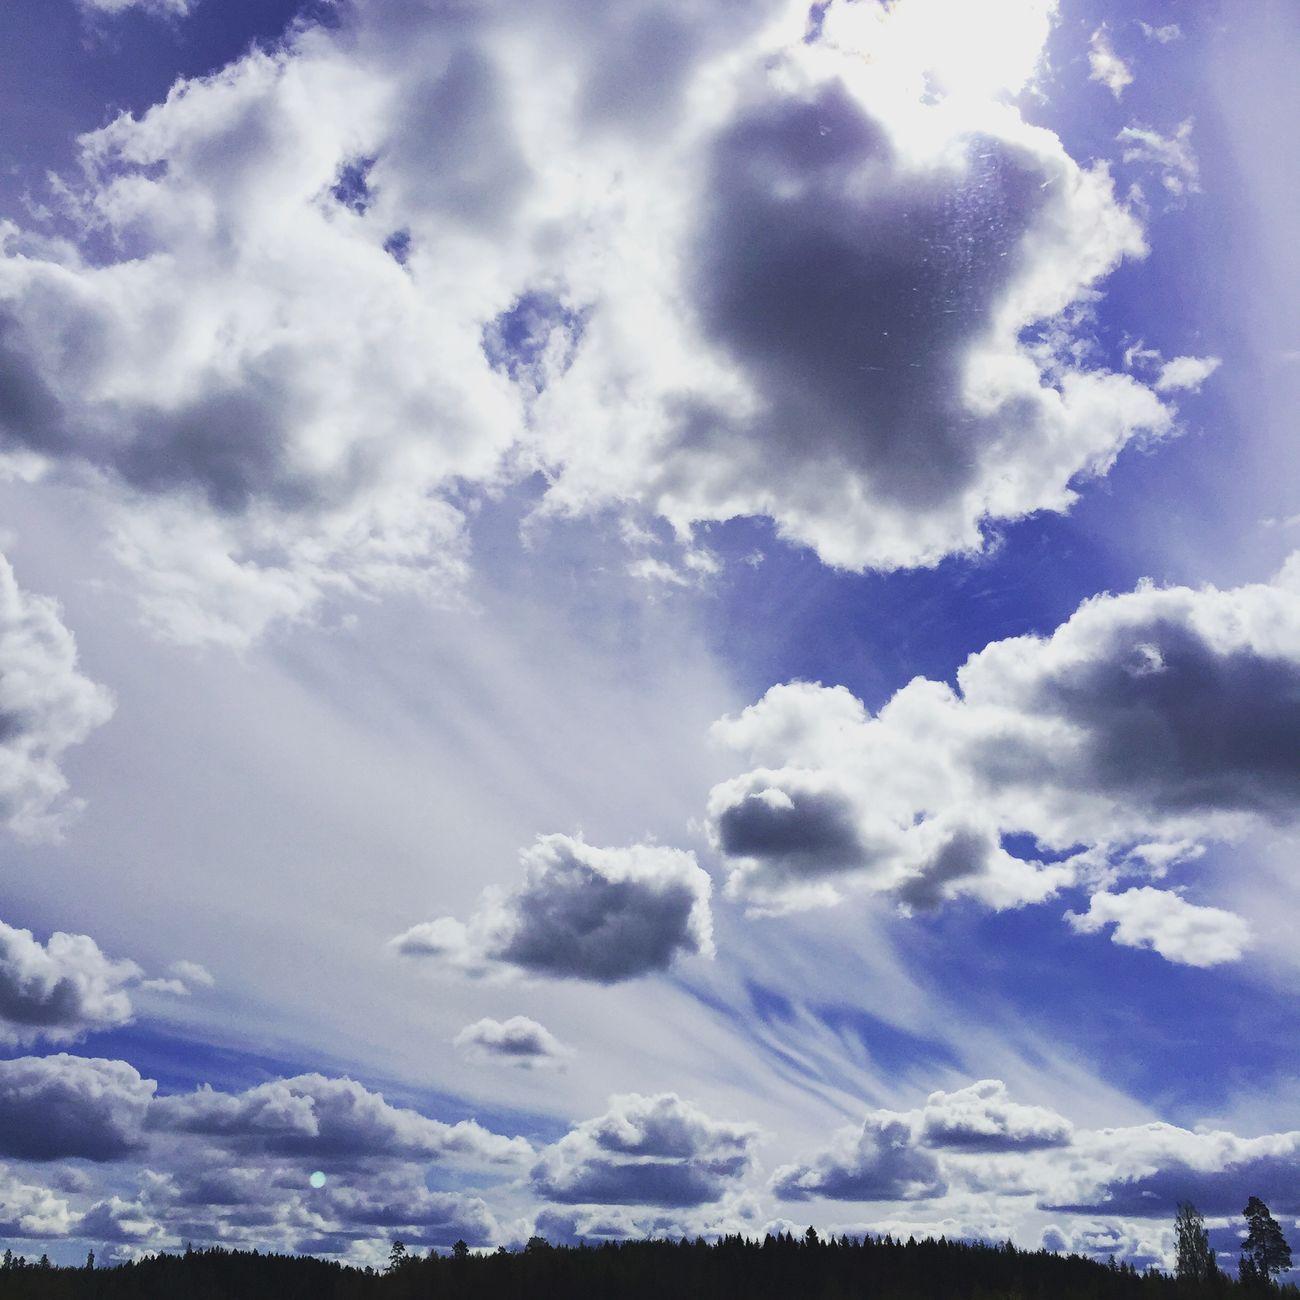 Finland clouds cloudporn